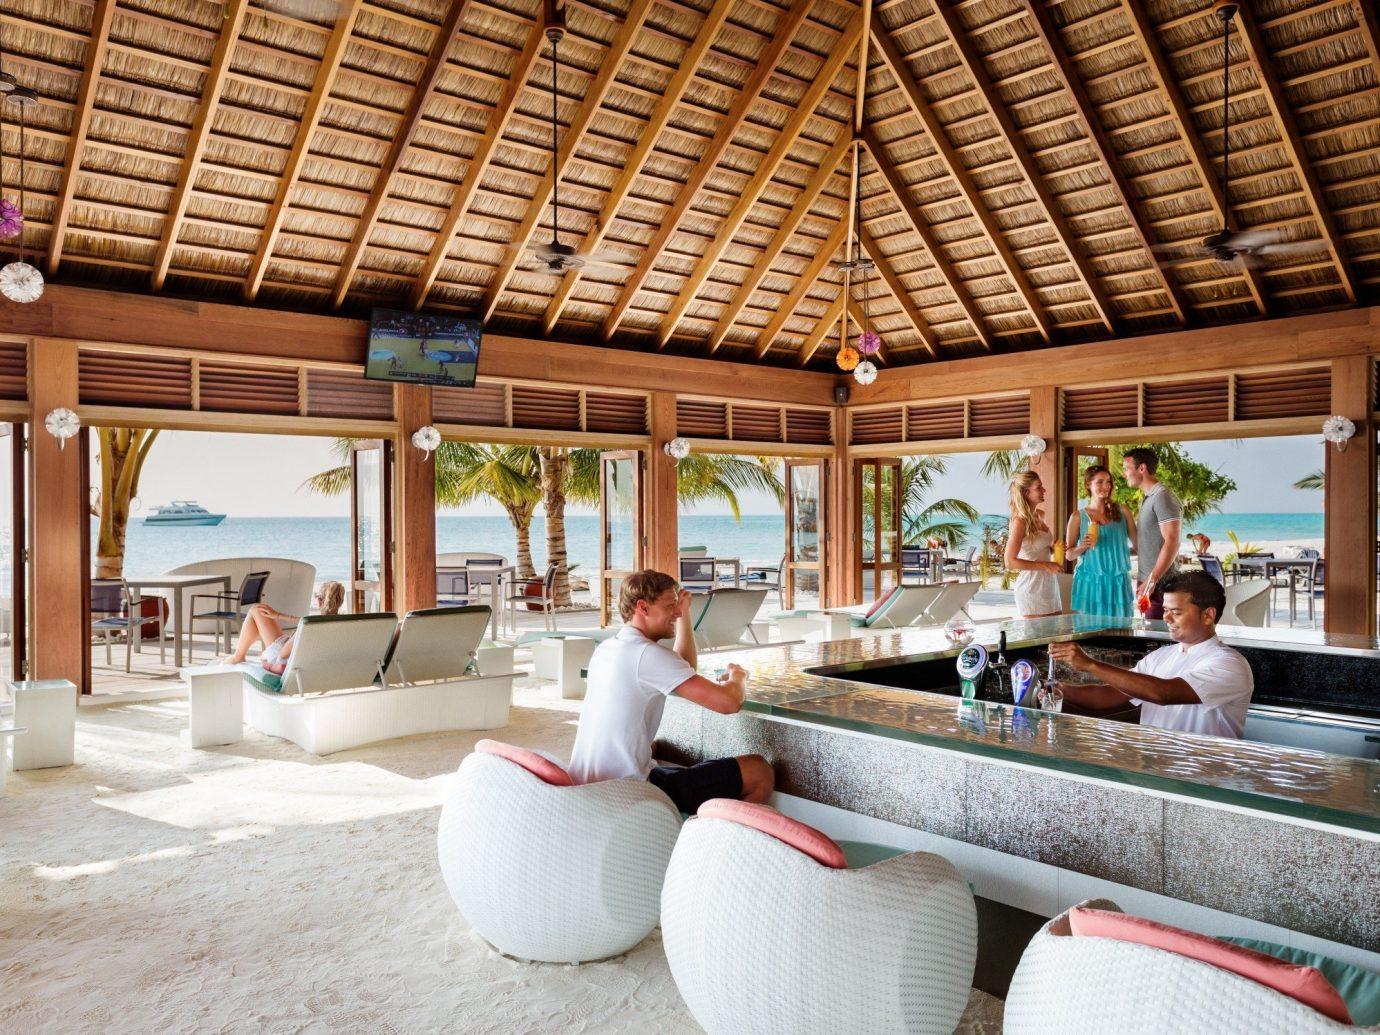 Budget indoor property Resort room estate vacation interior design home Villa cottage living room roof furniture several